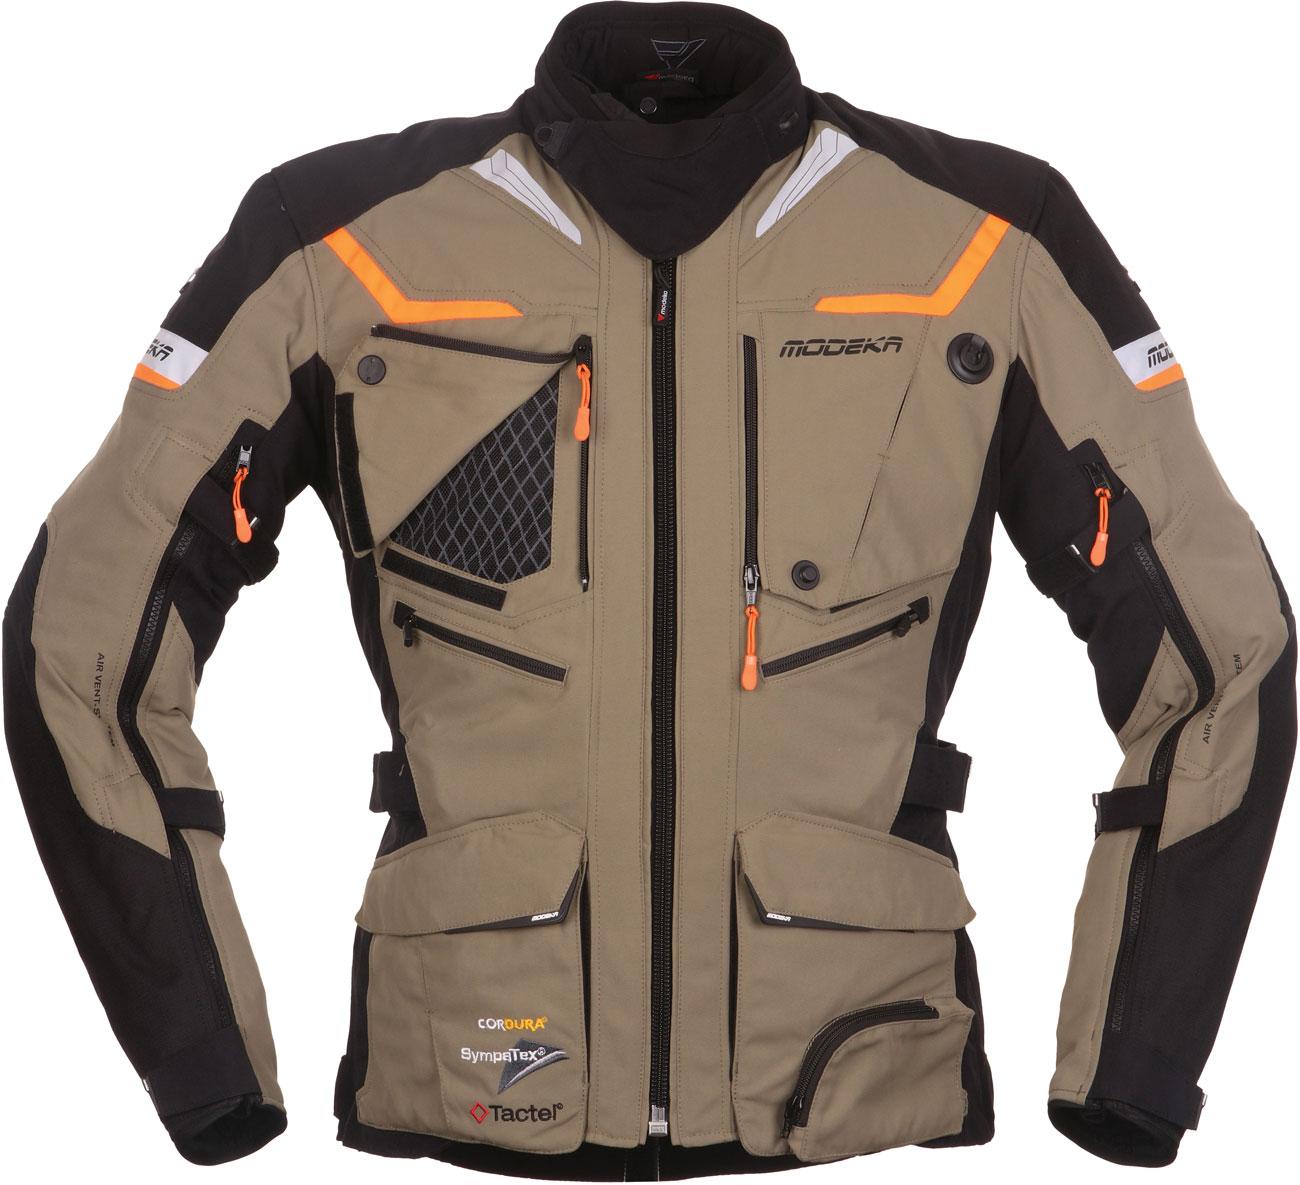 Modeka Panamericana, Textiljacke - Beige - 5XL 084560-22-5XL